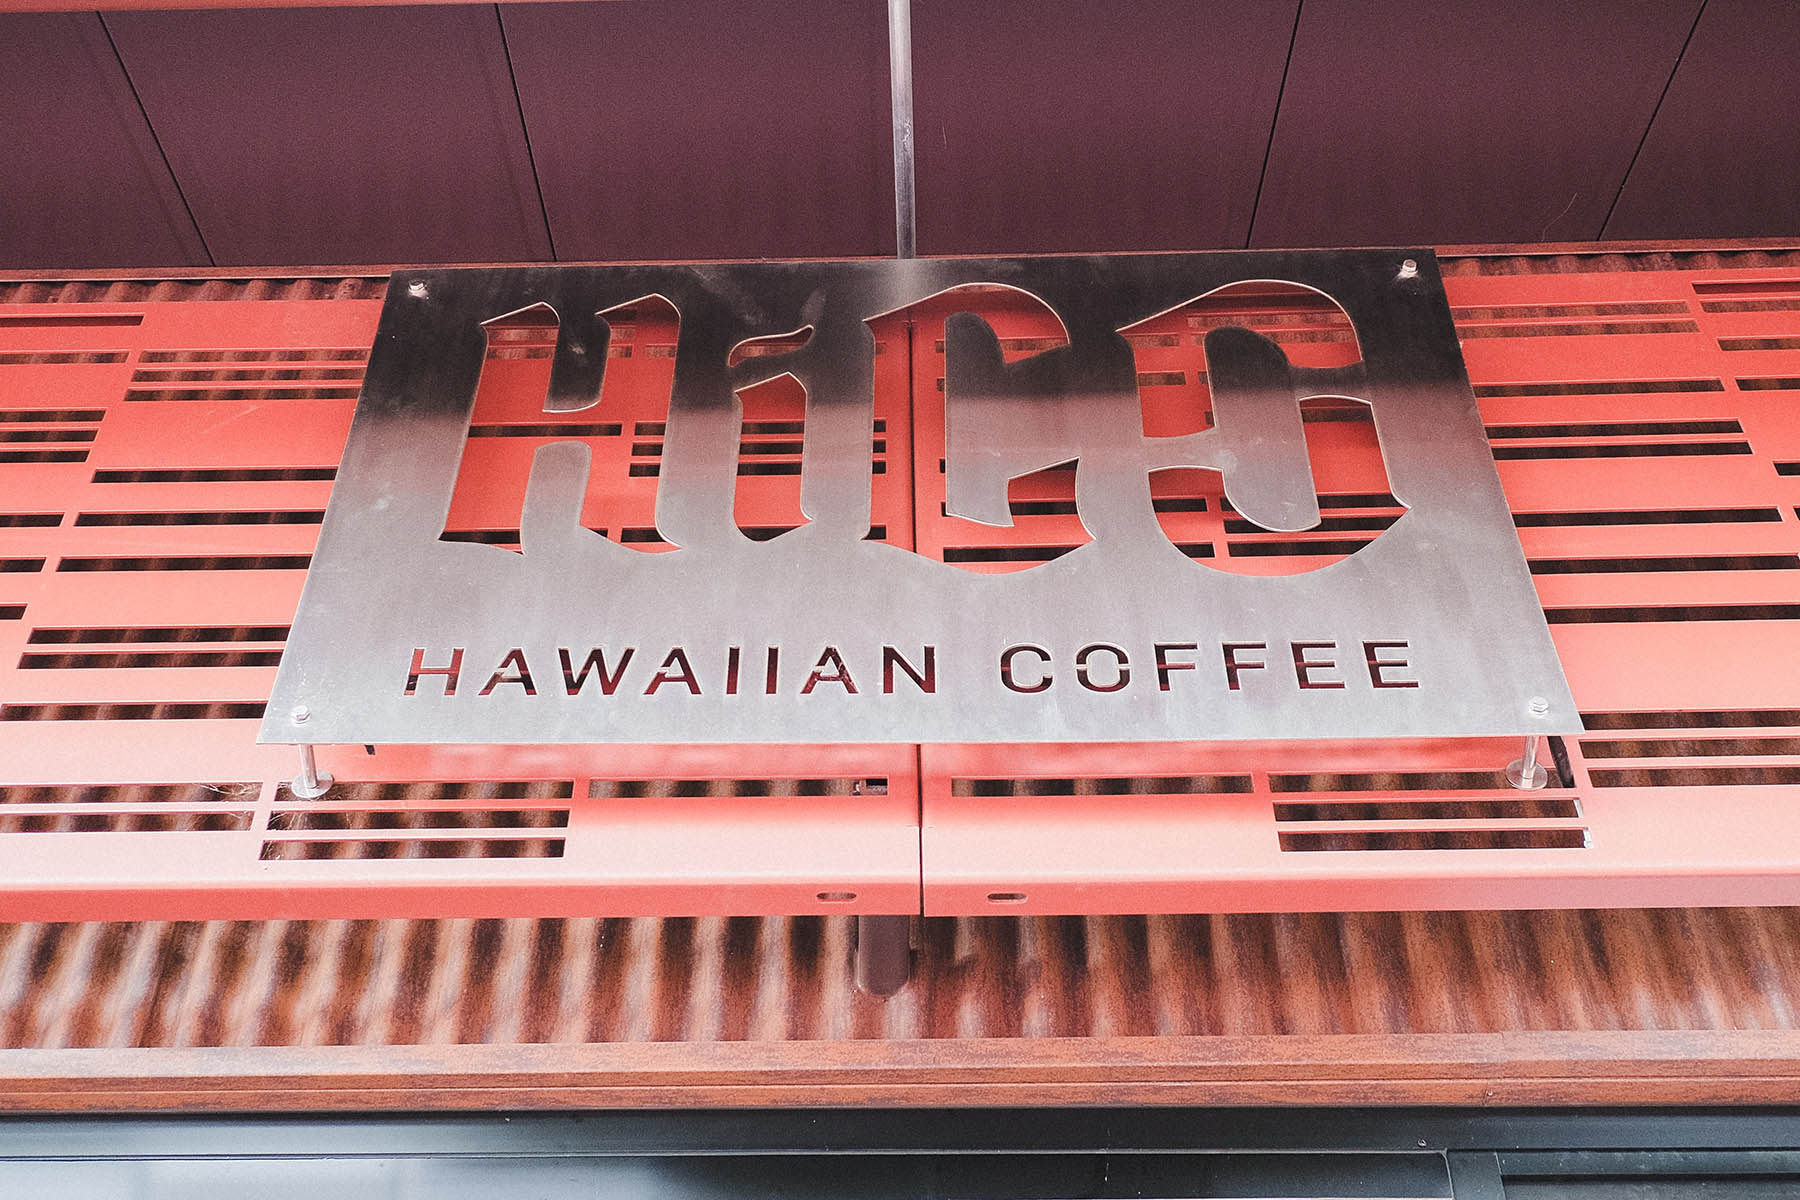 HiCO Hawaiian Coffee